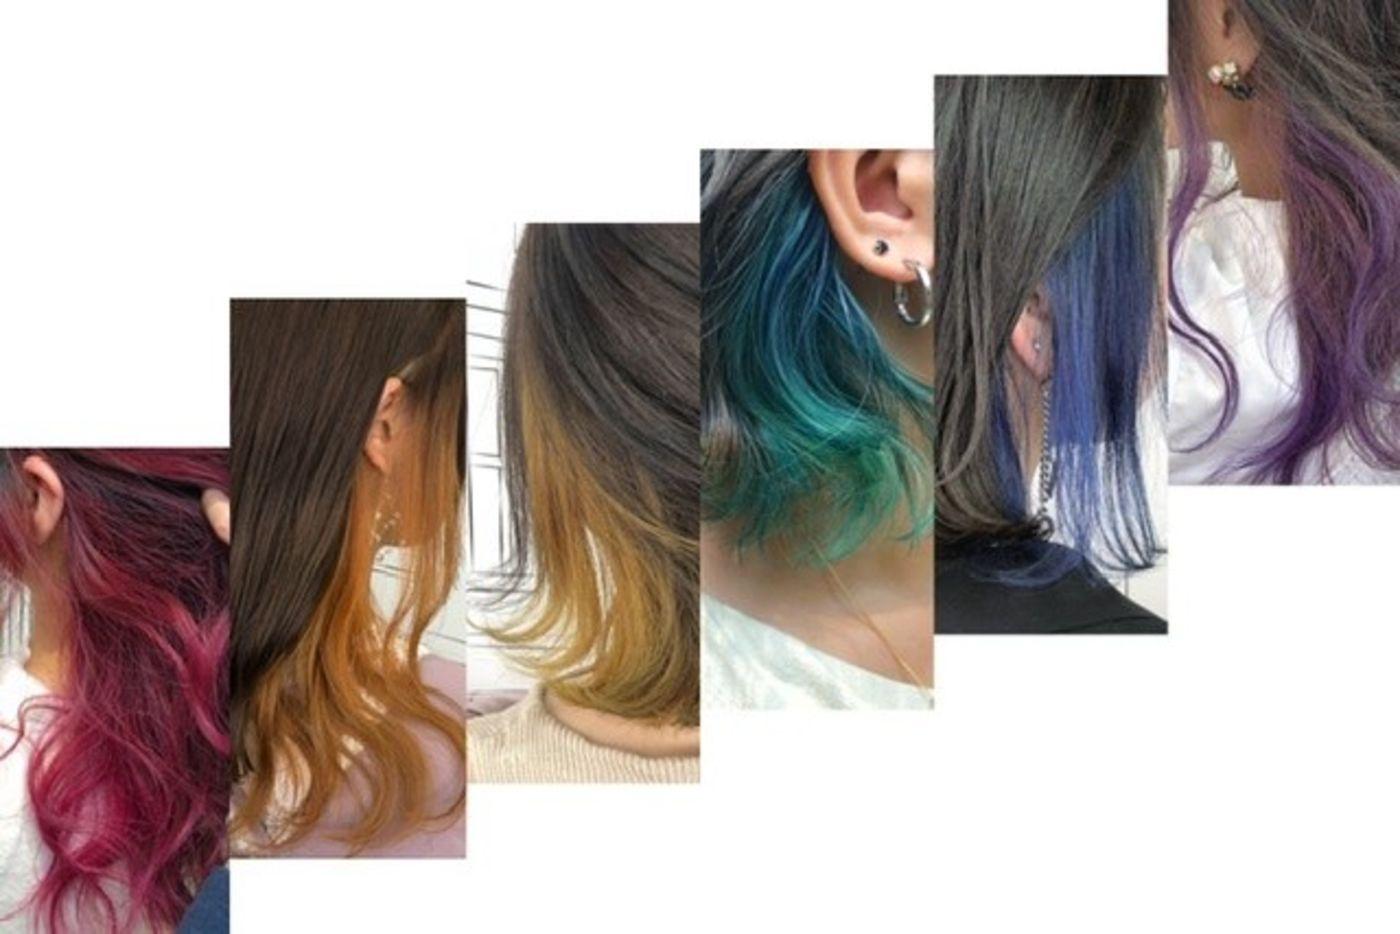 多様性が認められる時代に〜あなたの『色』を表現しませんか?【派手髪&鬼滅カラー】